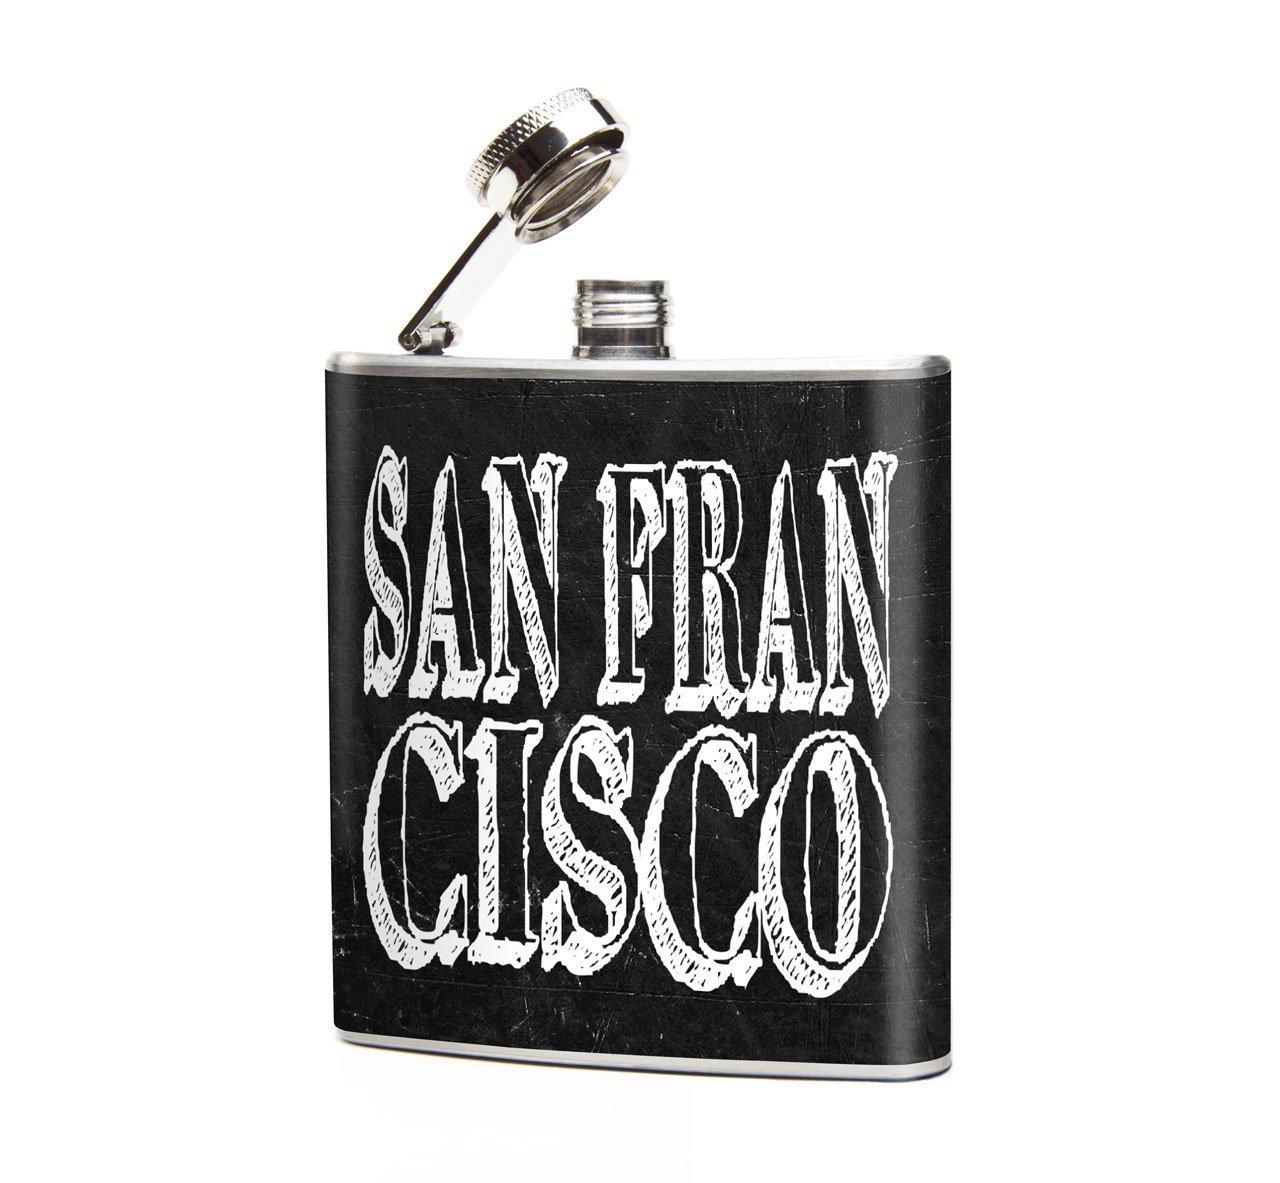 激安正規品 Oso Oso San and and Bean San Franciscoグラフィックデザイナヒップフラスコ B01M361F38, モンタナ 出産祝いブランドギフト:95f8a5b3 --- a0267596.xsph.ru